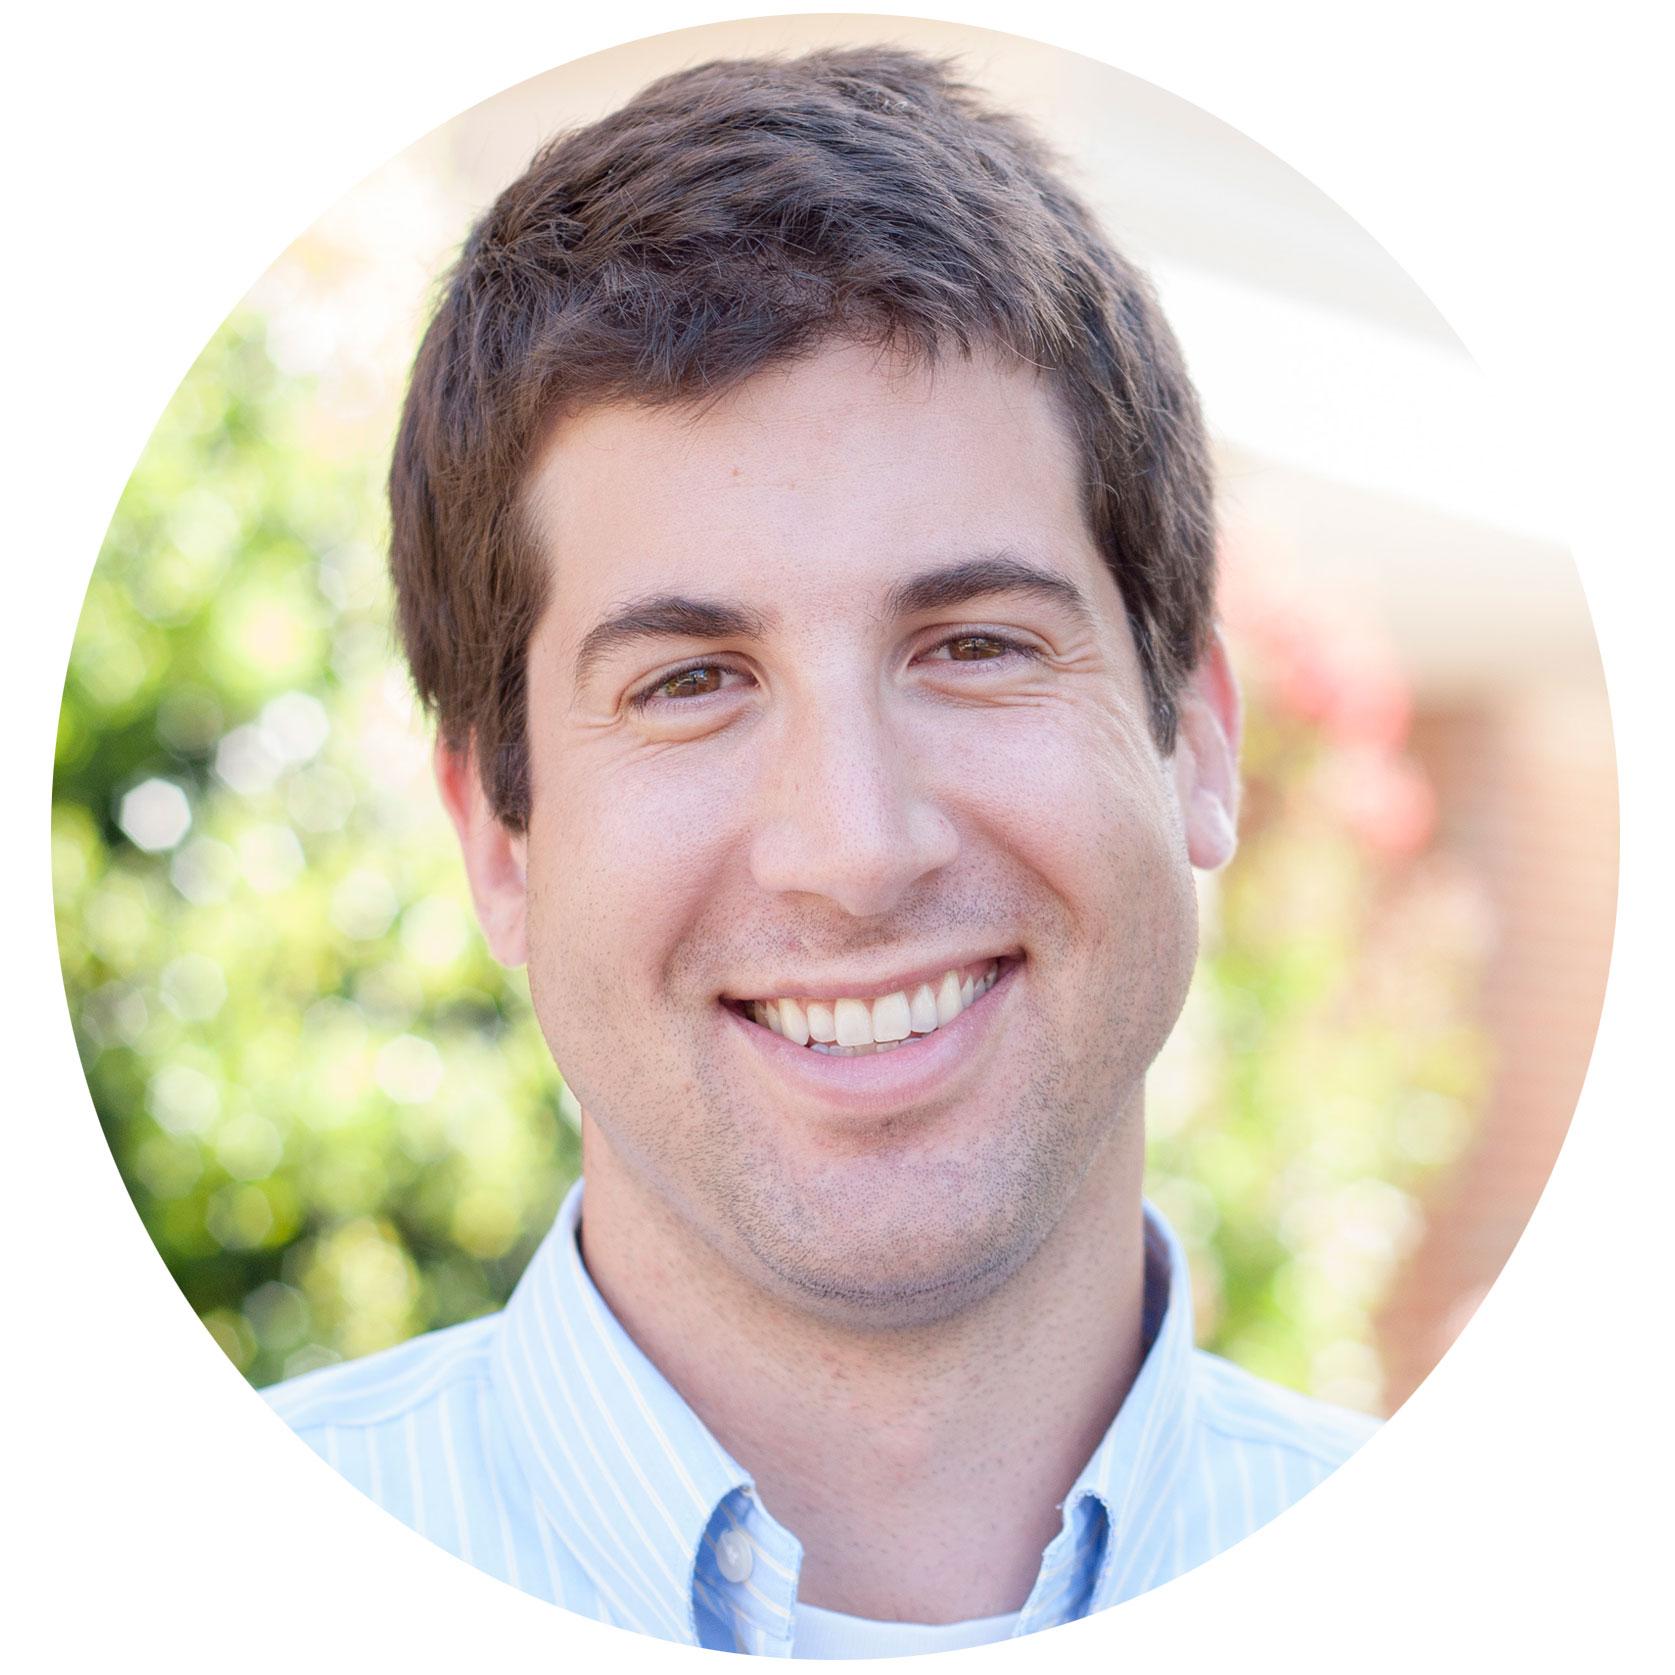 Ben Johnson - Senior Vice President Planning & Design